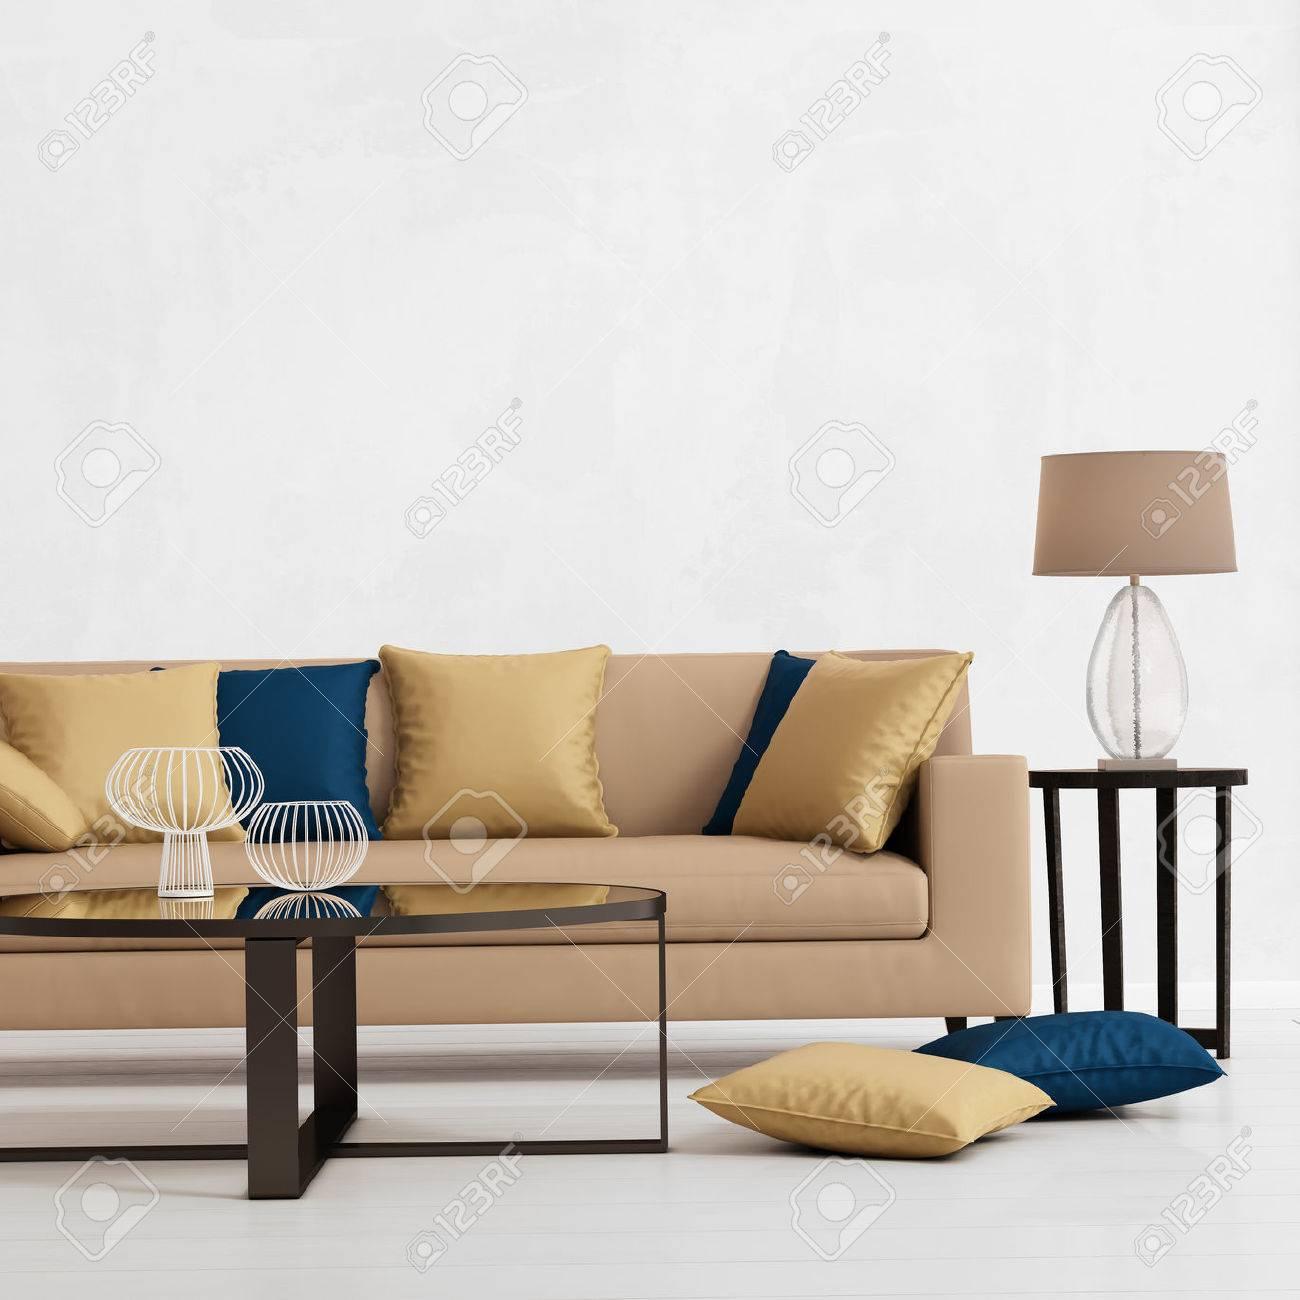 Interior Moderno Con Un Sofa Beige Cojines Y Una Mesa Auxiliar